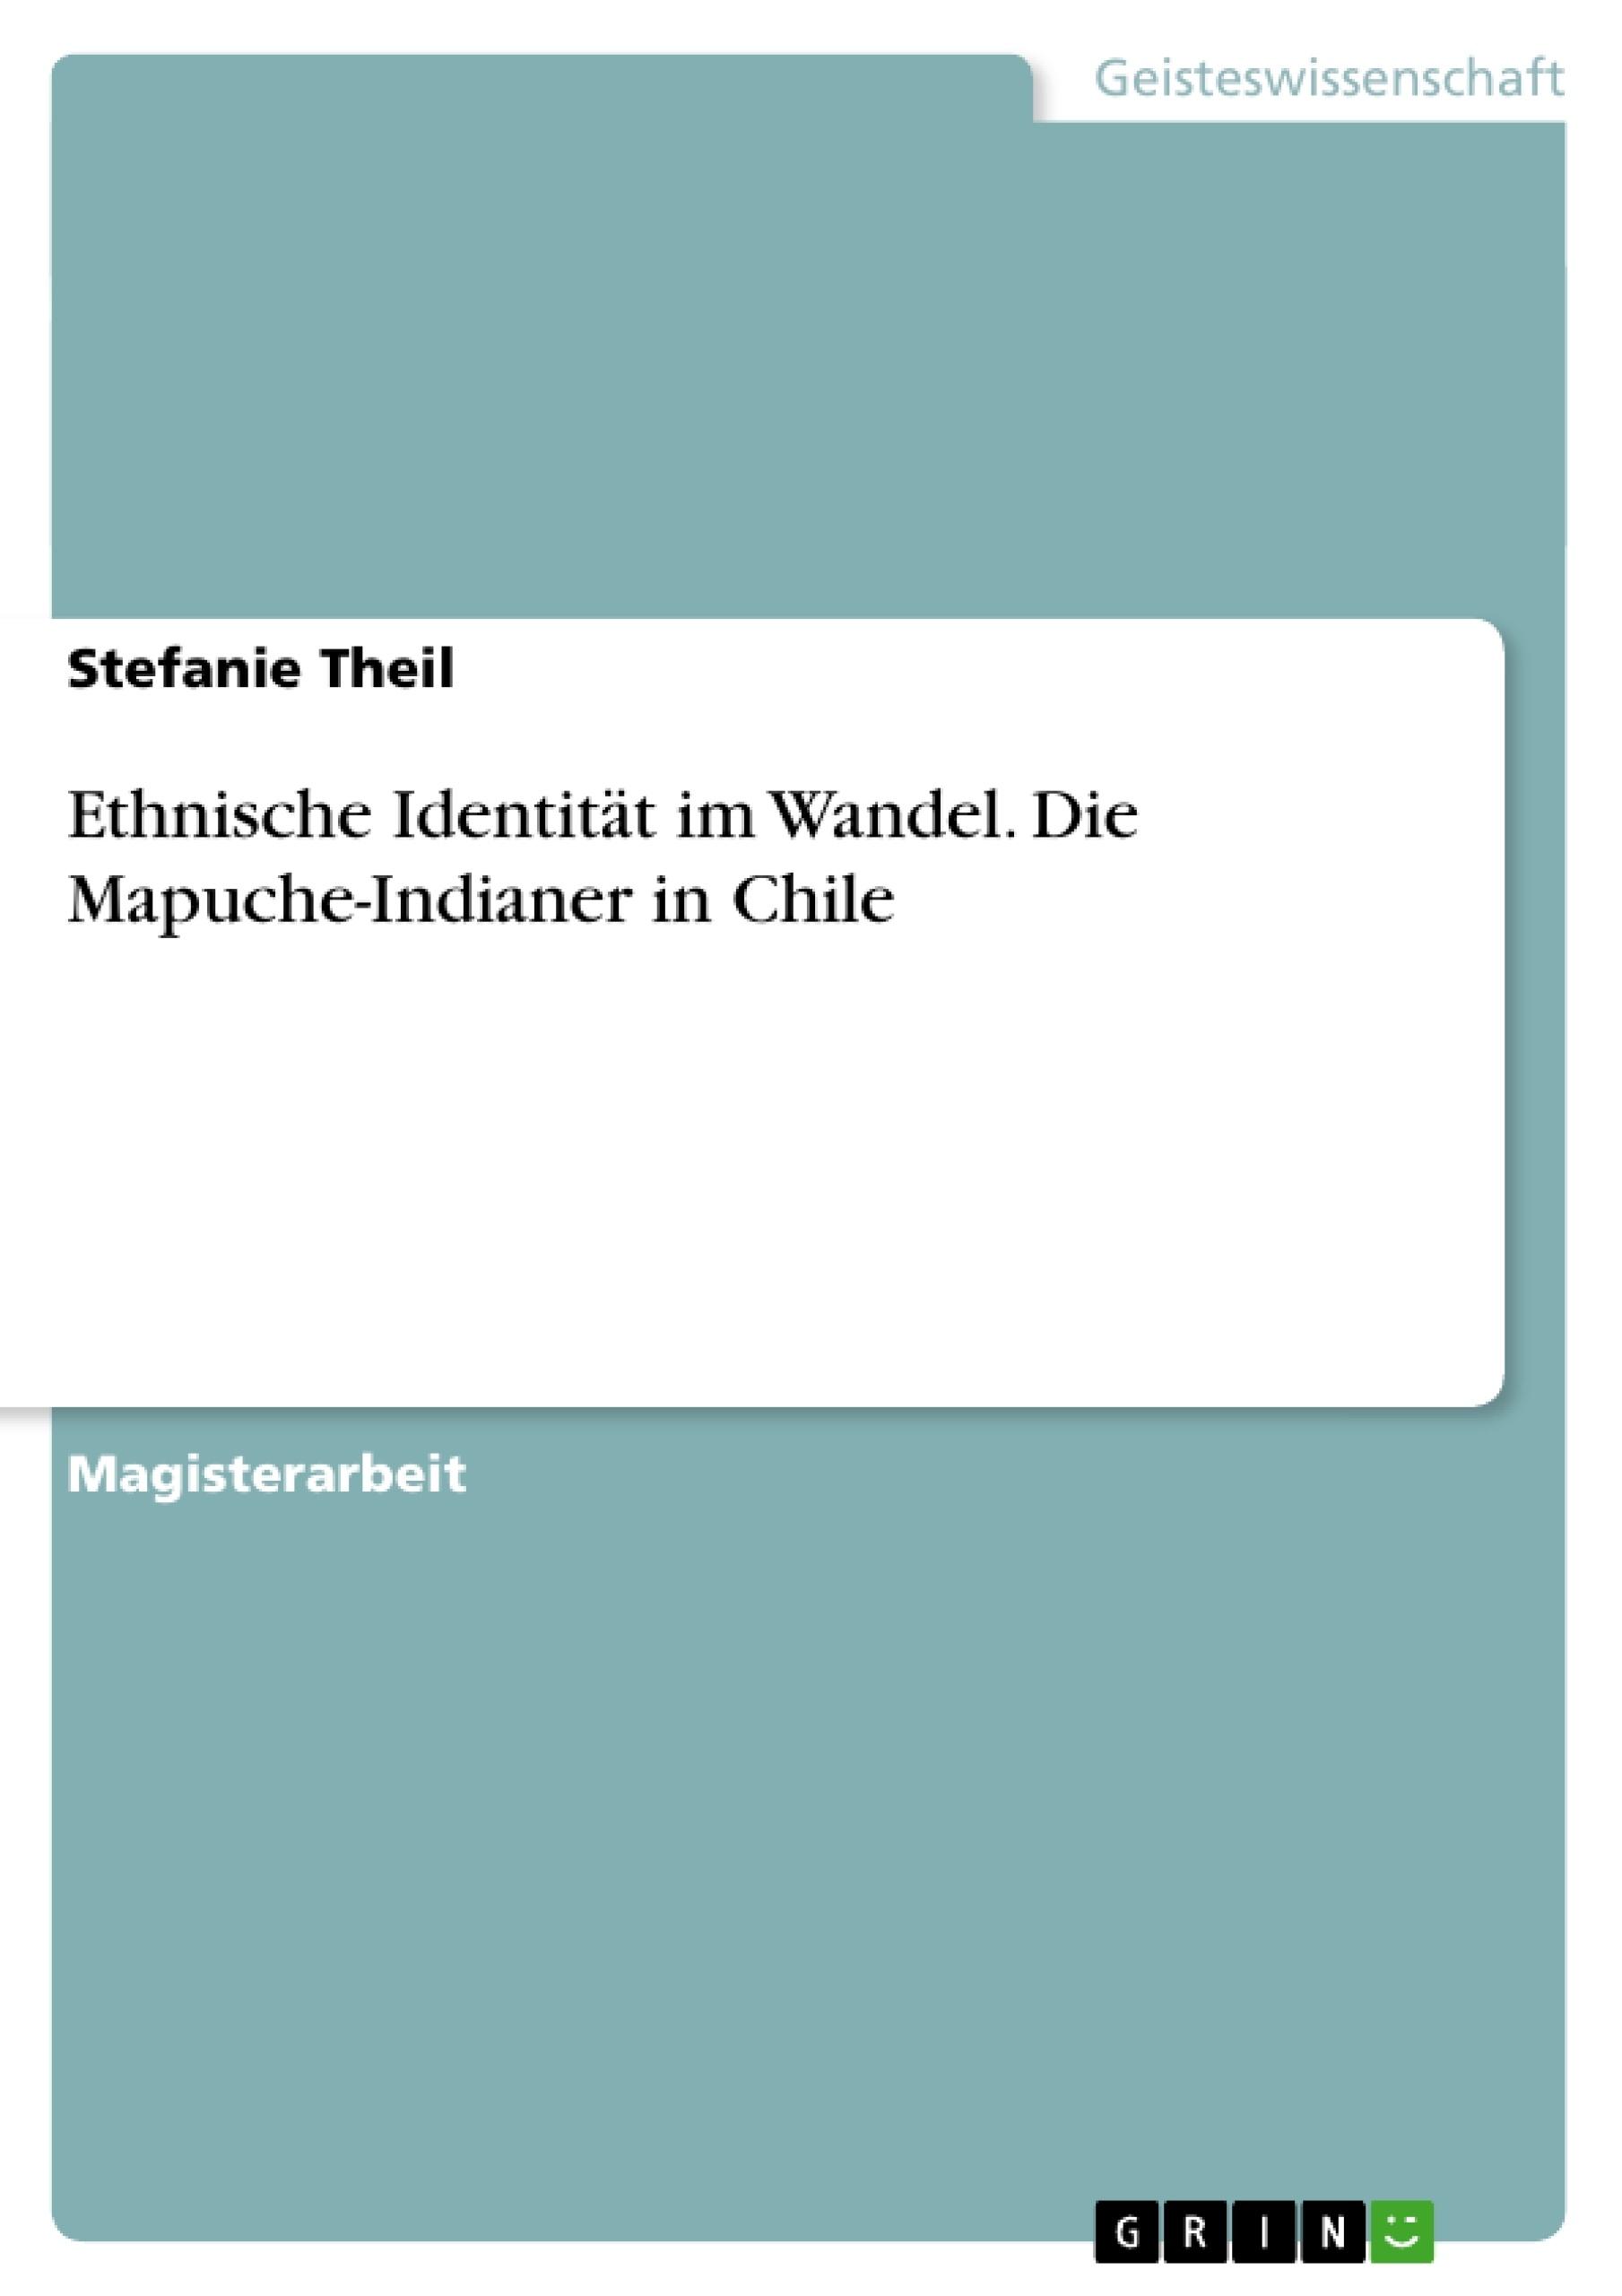 Titel: Ethnische Identität im Wandel. Die Mapuche-Indianer in Chile